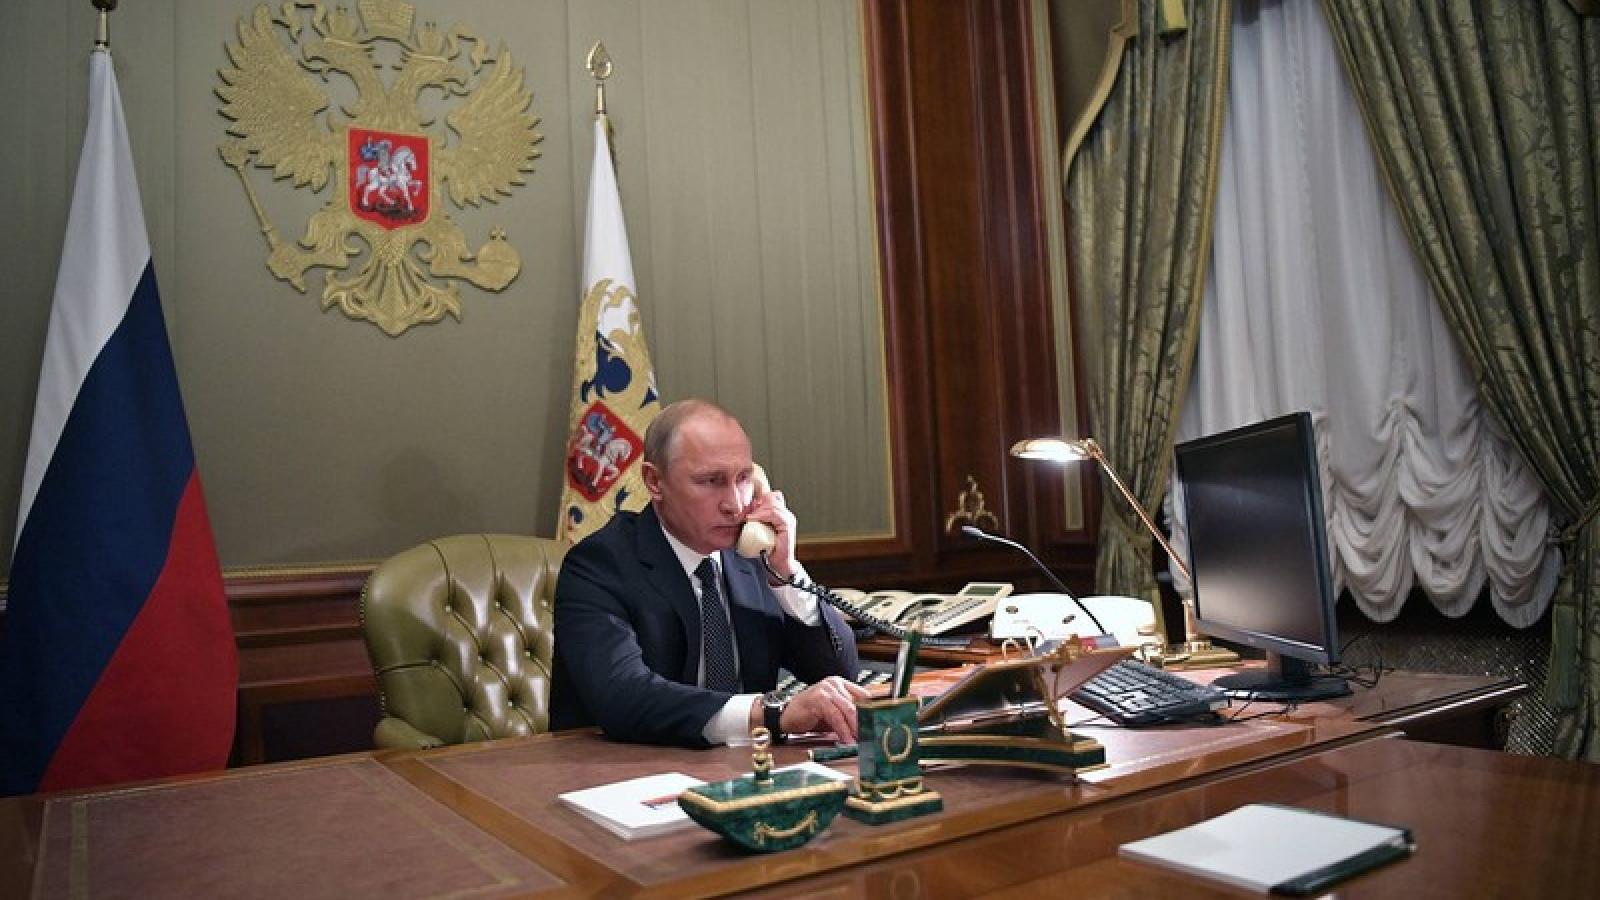 Tổng thống Nga và Ukraine điện đàm về thỏa thuận ngừng bắn